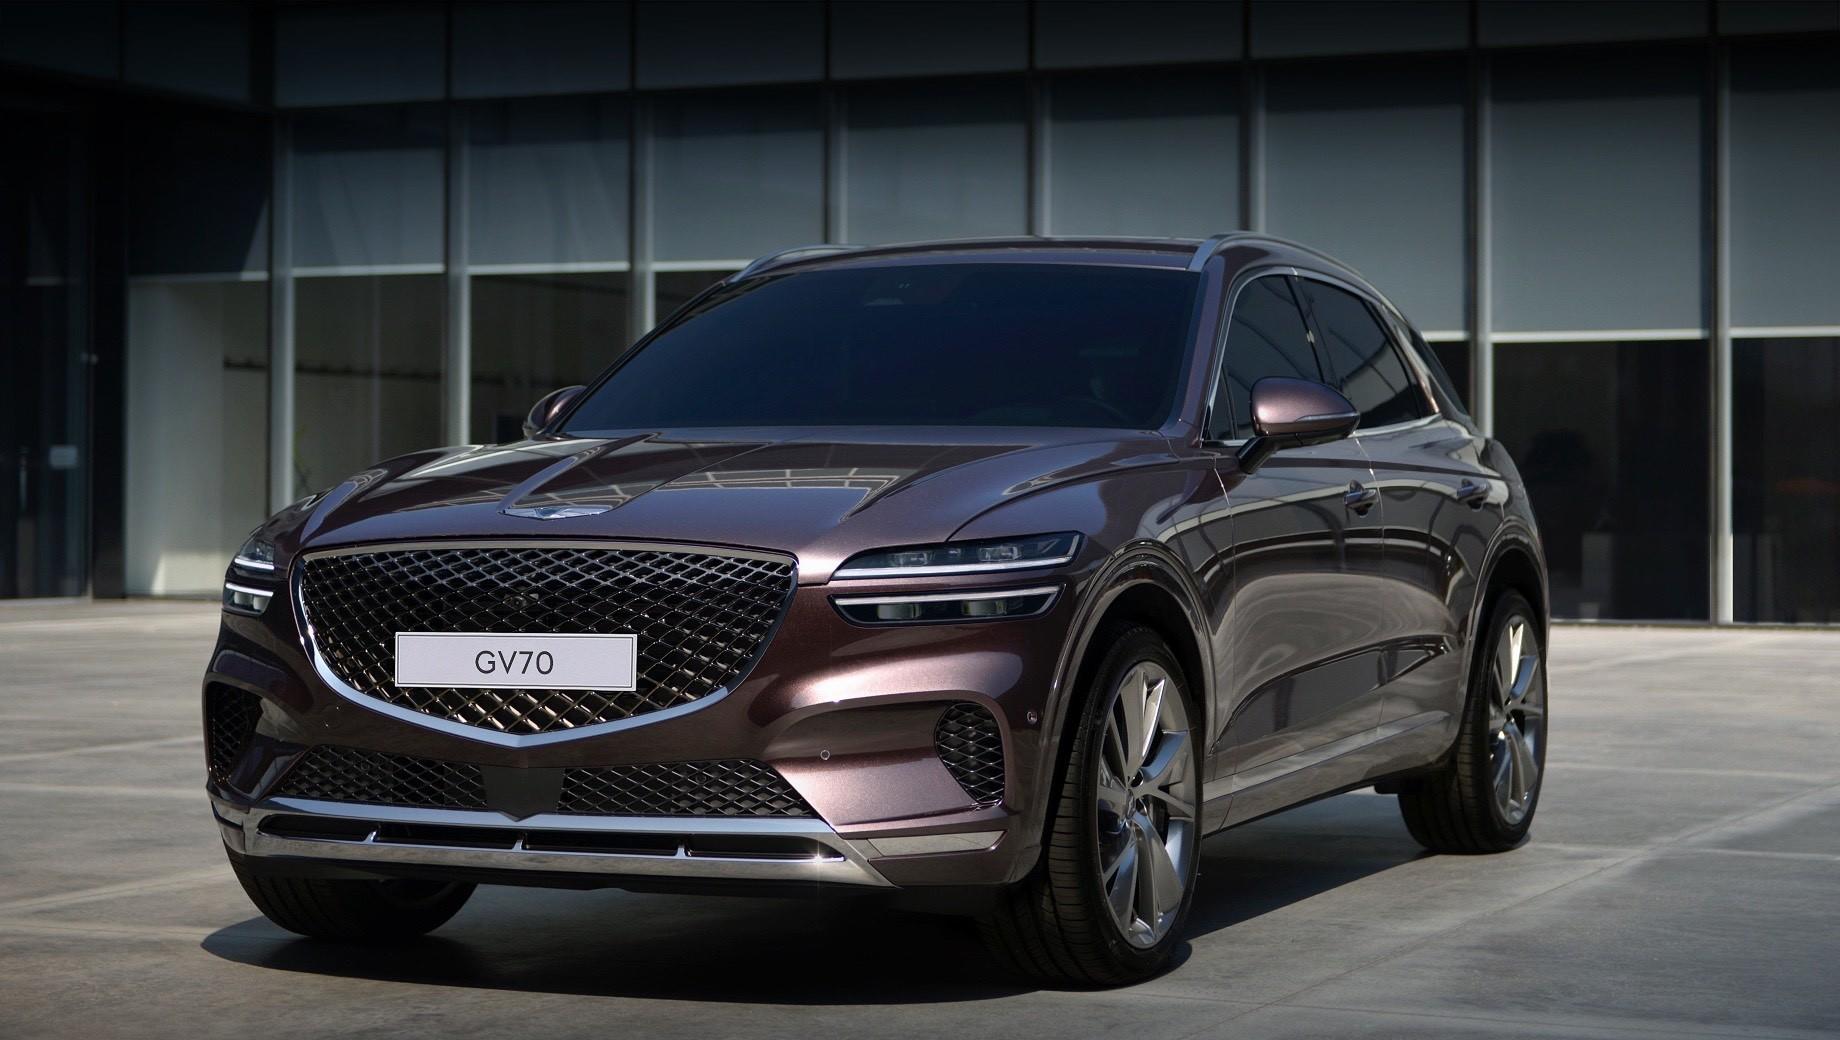 Genesis gv70. Техническую информацию раскроют до конца 2020-го. Genesis GV70 будет конкурировать с автомобилями Audi Q5, BMW X3 и Mercedes GLC. Старт продаж в Европе ожидается в первом квартале следующего года. По слухам, в Германии GV70 оценят примерно в 40 тысяч евро (3,7 млн рублей).